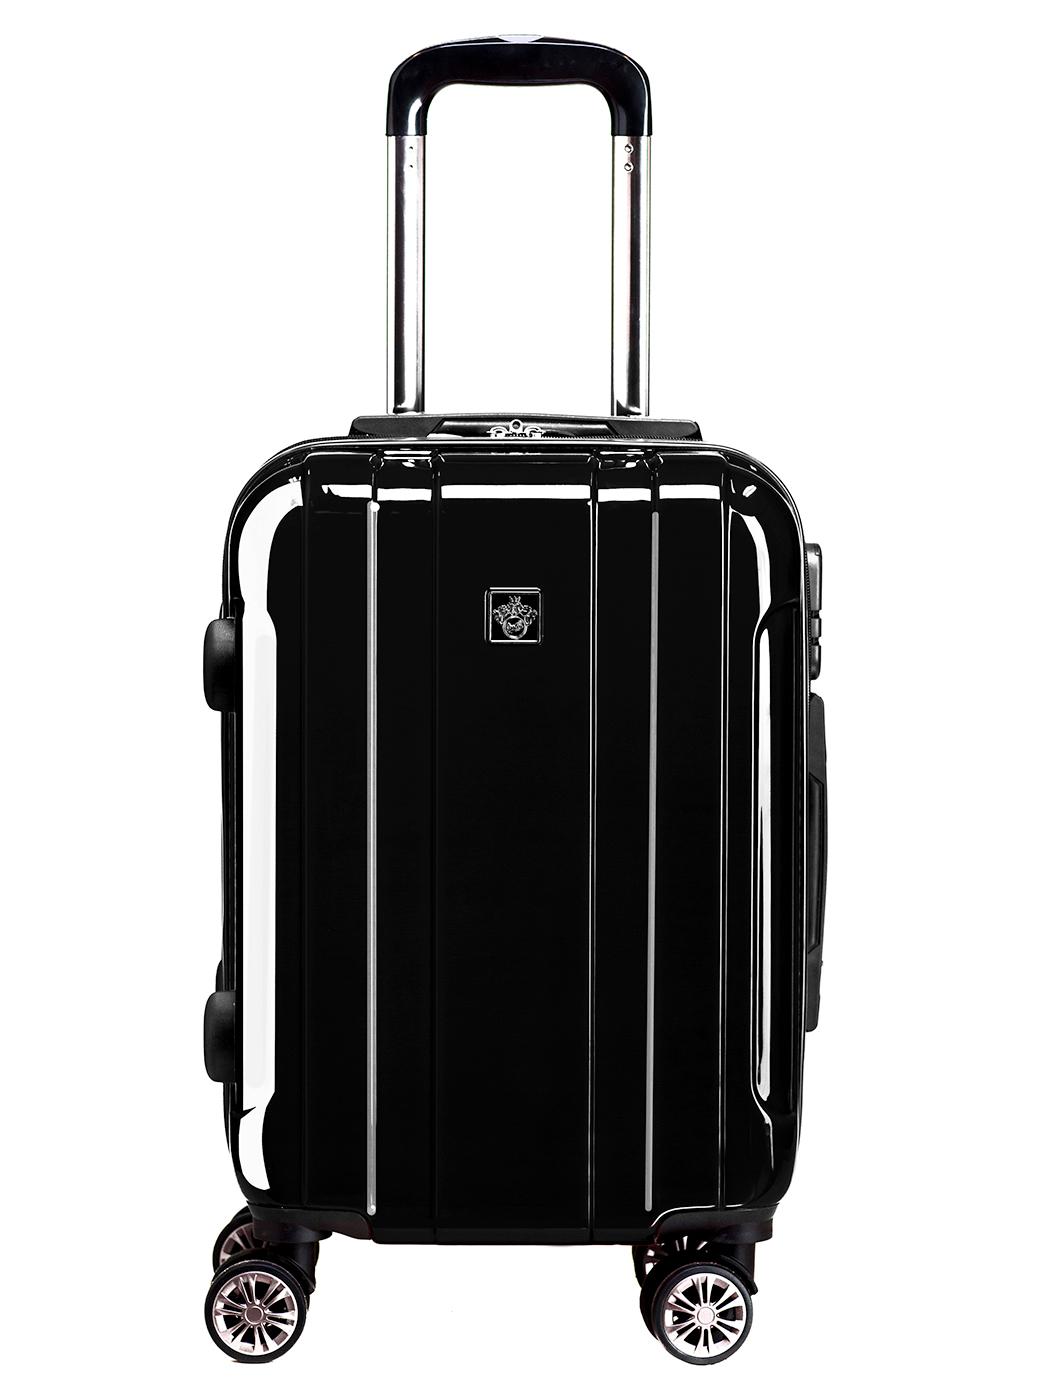 Sekker, koffert og vesker | Norsk Profilreklame & Gaver AS